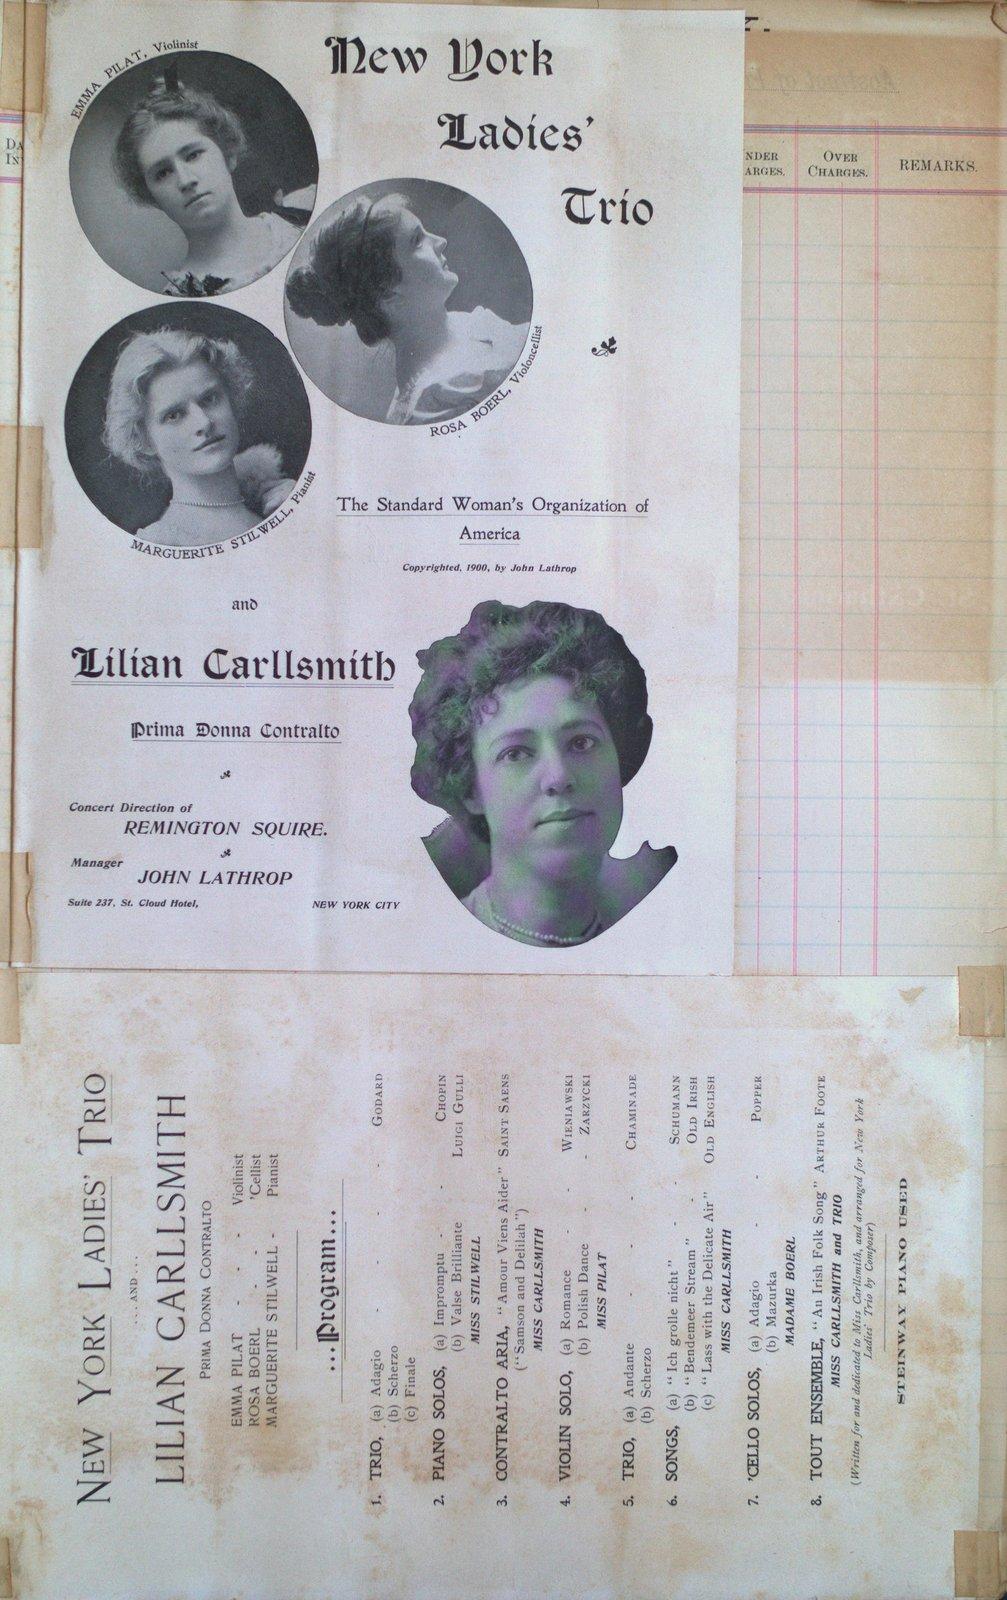 Teresa Vanderburgh's Musical Scrapbook #2 - New York Ladies Trio & Lilian Carllsmith